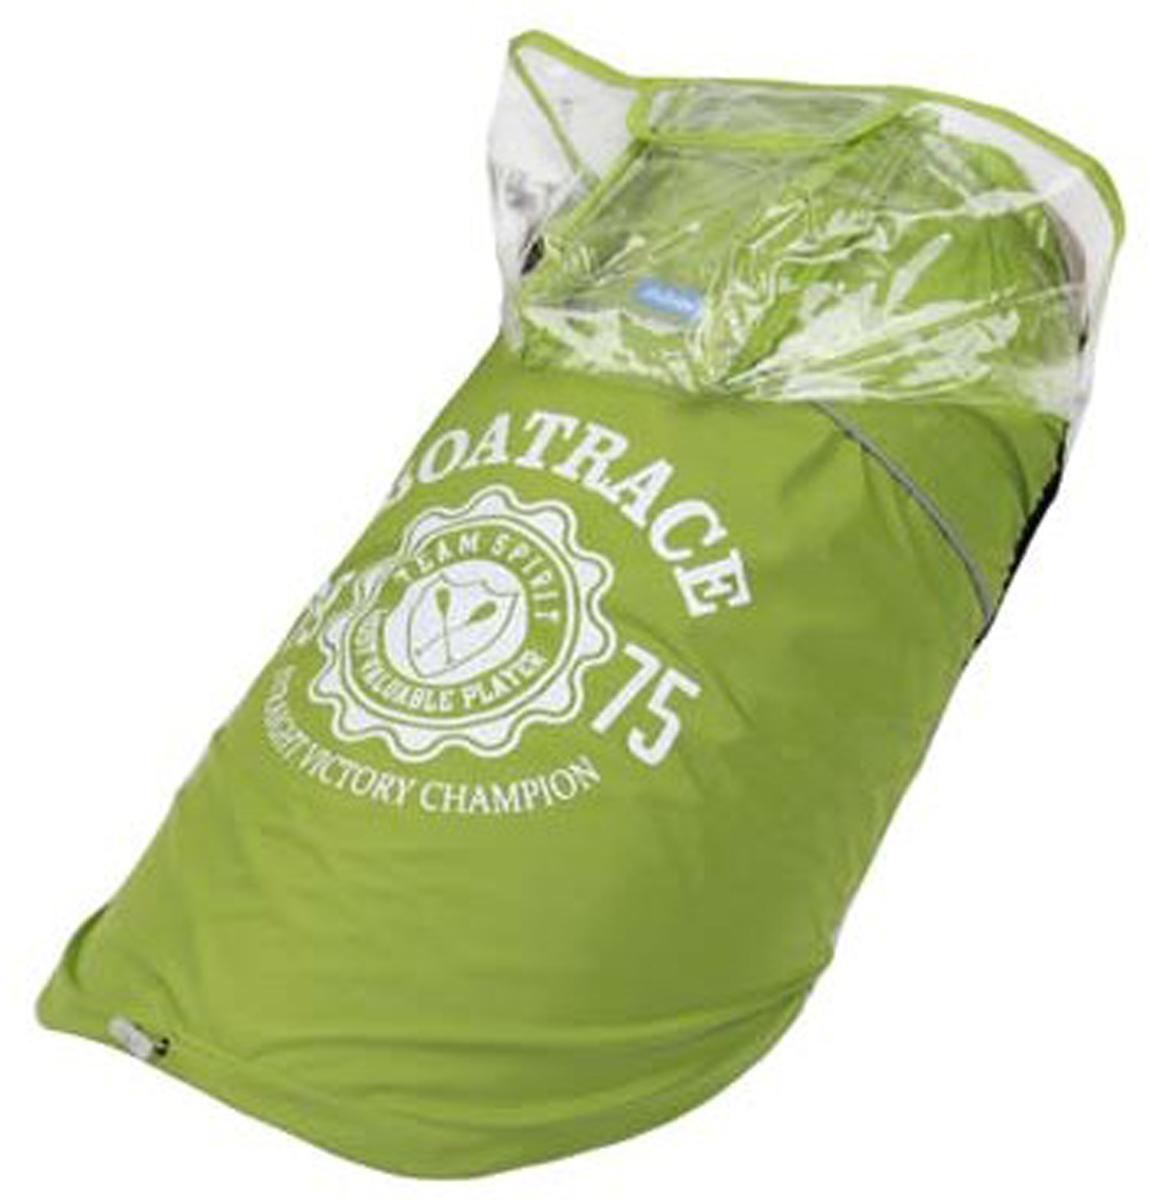 Фото - Куртка для собак Dobaz, водонепроницаемая, цвет: прозрачно-зеленый. ДА13033СЛ. Размер L куртка ветровка мужская сплав mantis цвет оливковый 1308096 размер 48 50 158 164